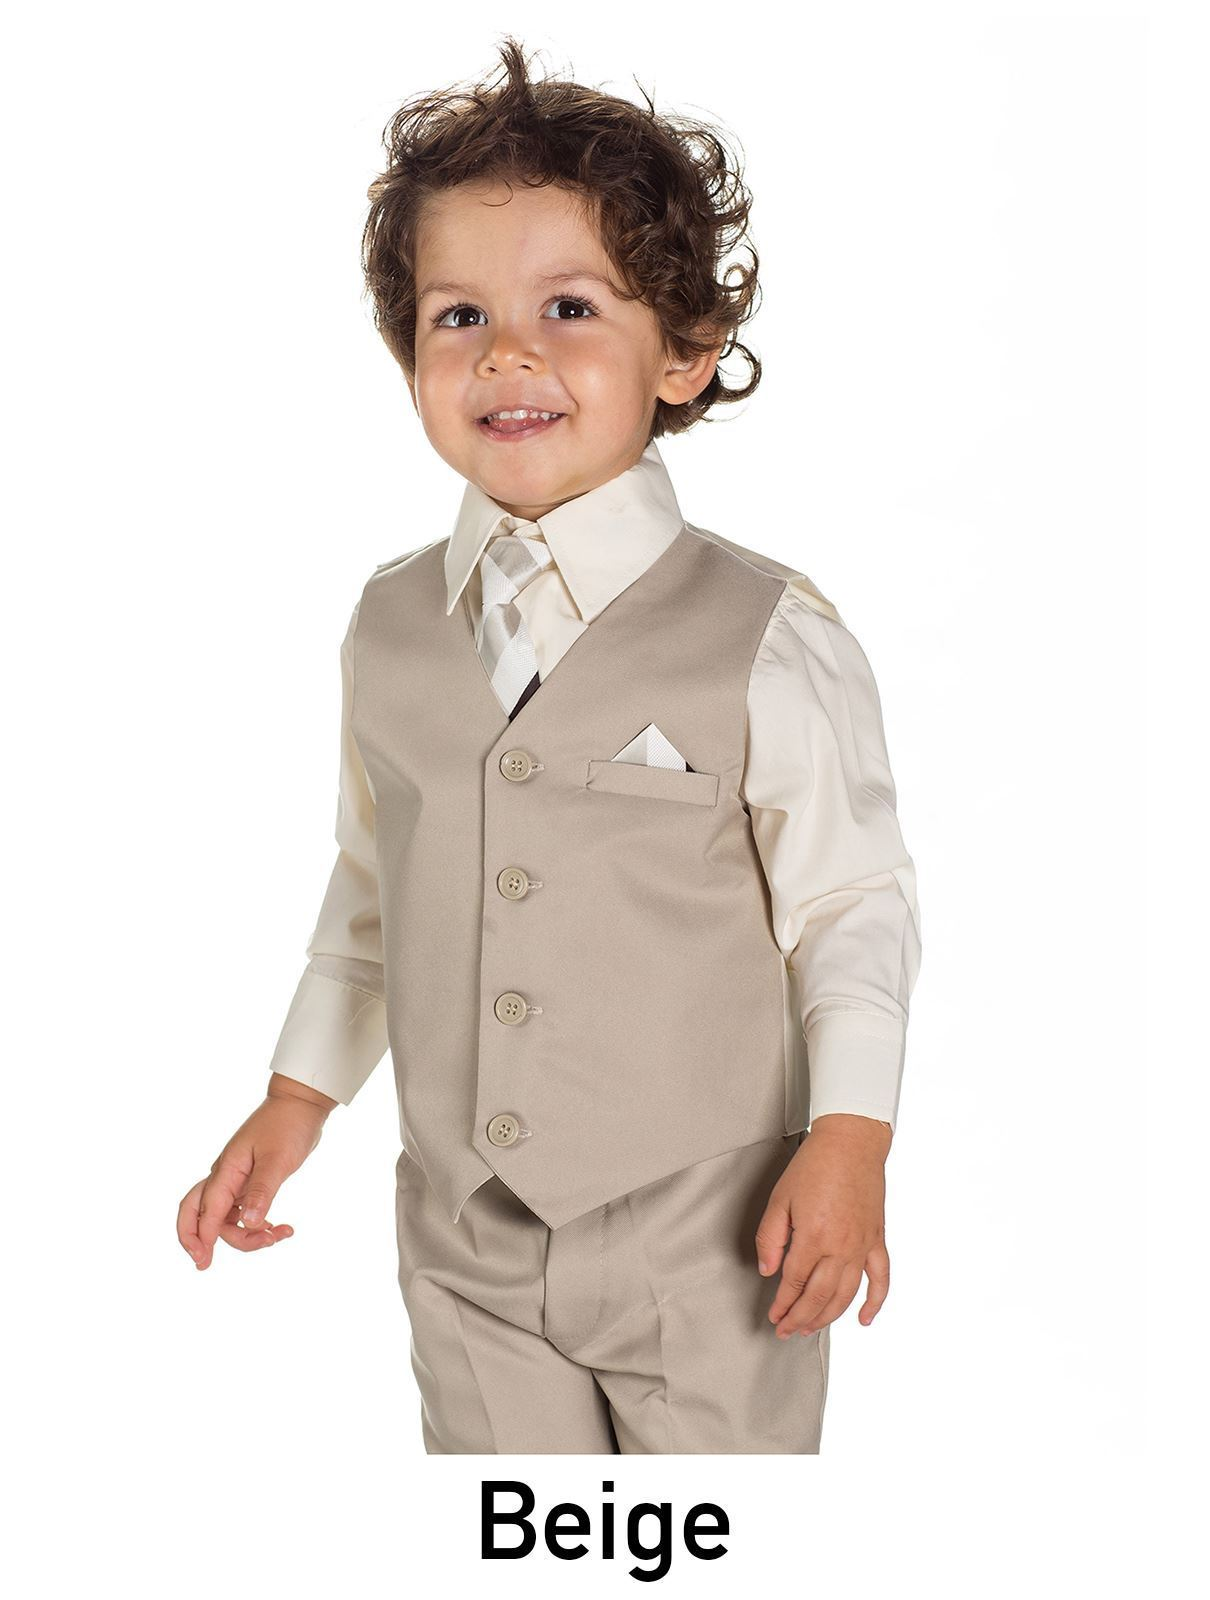 AKCE - béžový dětský oblek k zapůjčení - Obrázek č. 1